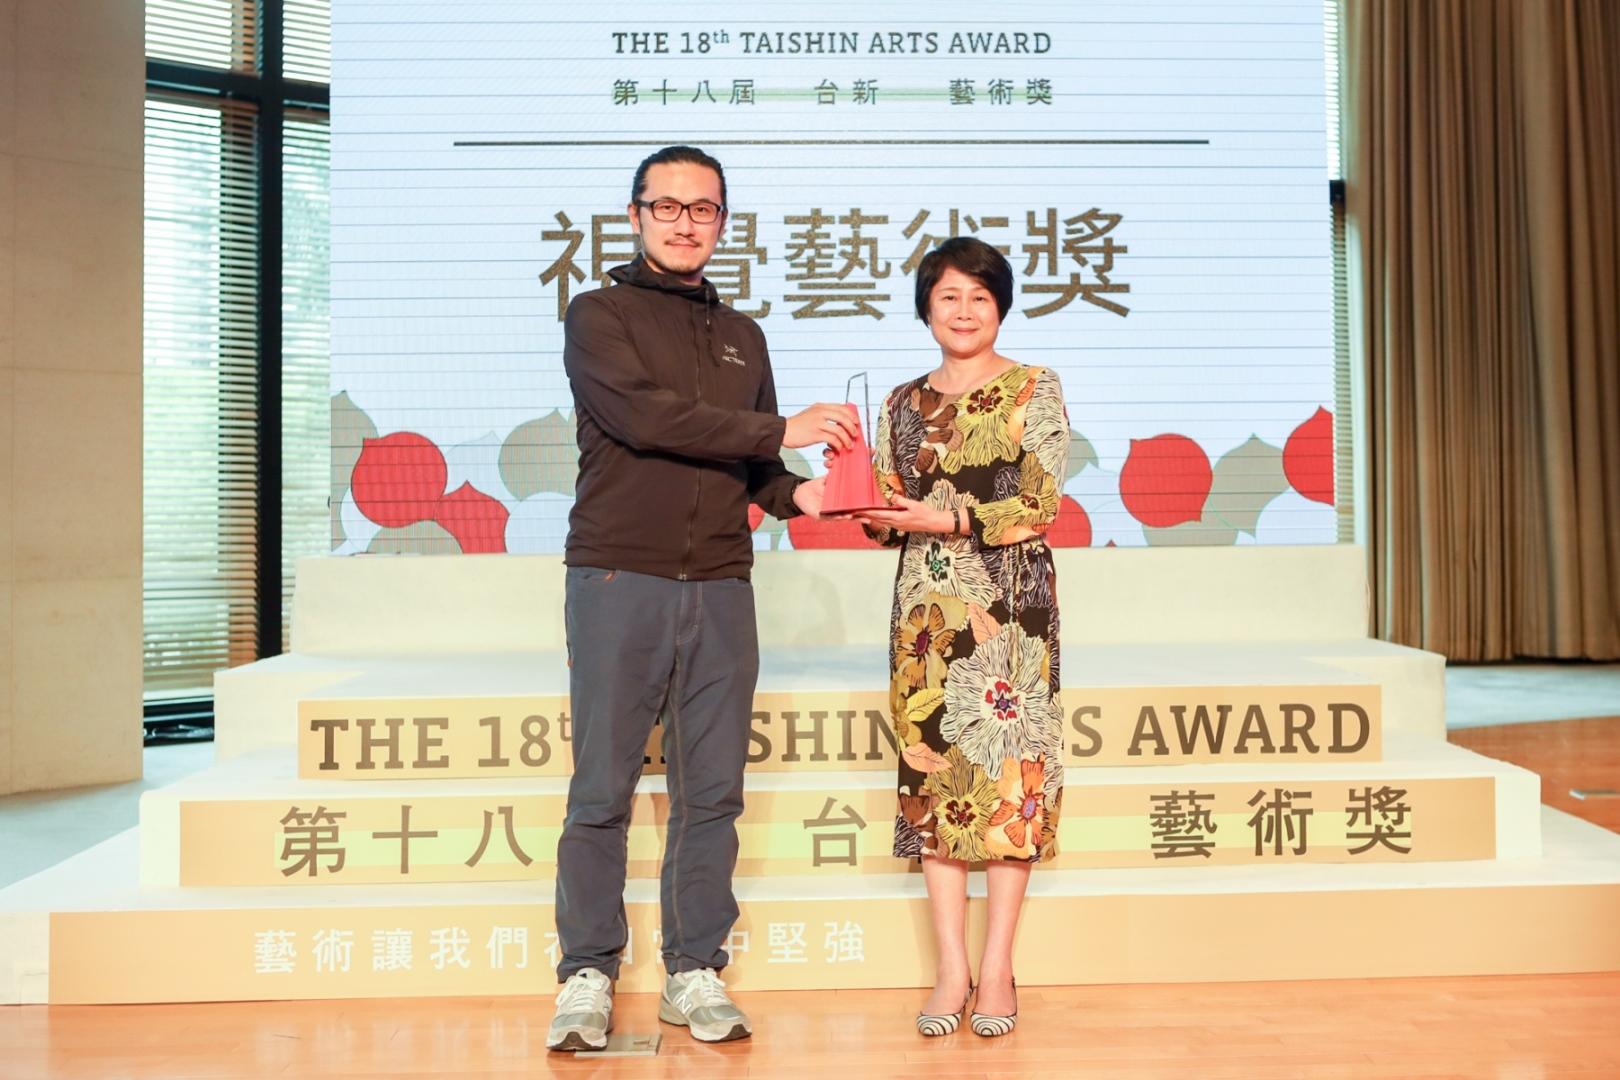 圖3 第18屆台新藝術獎 林曼麗董事頒發獎項於視覺藝術獎得主-陳以軒《委託製作》